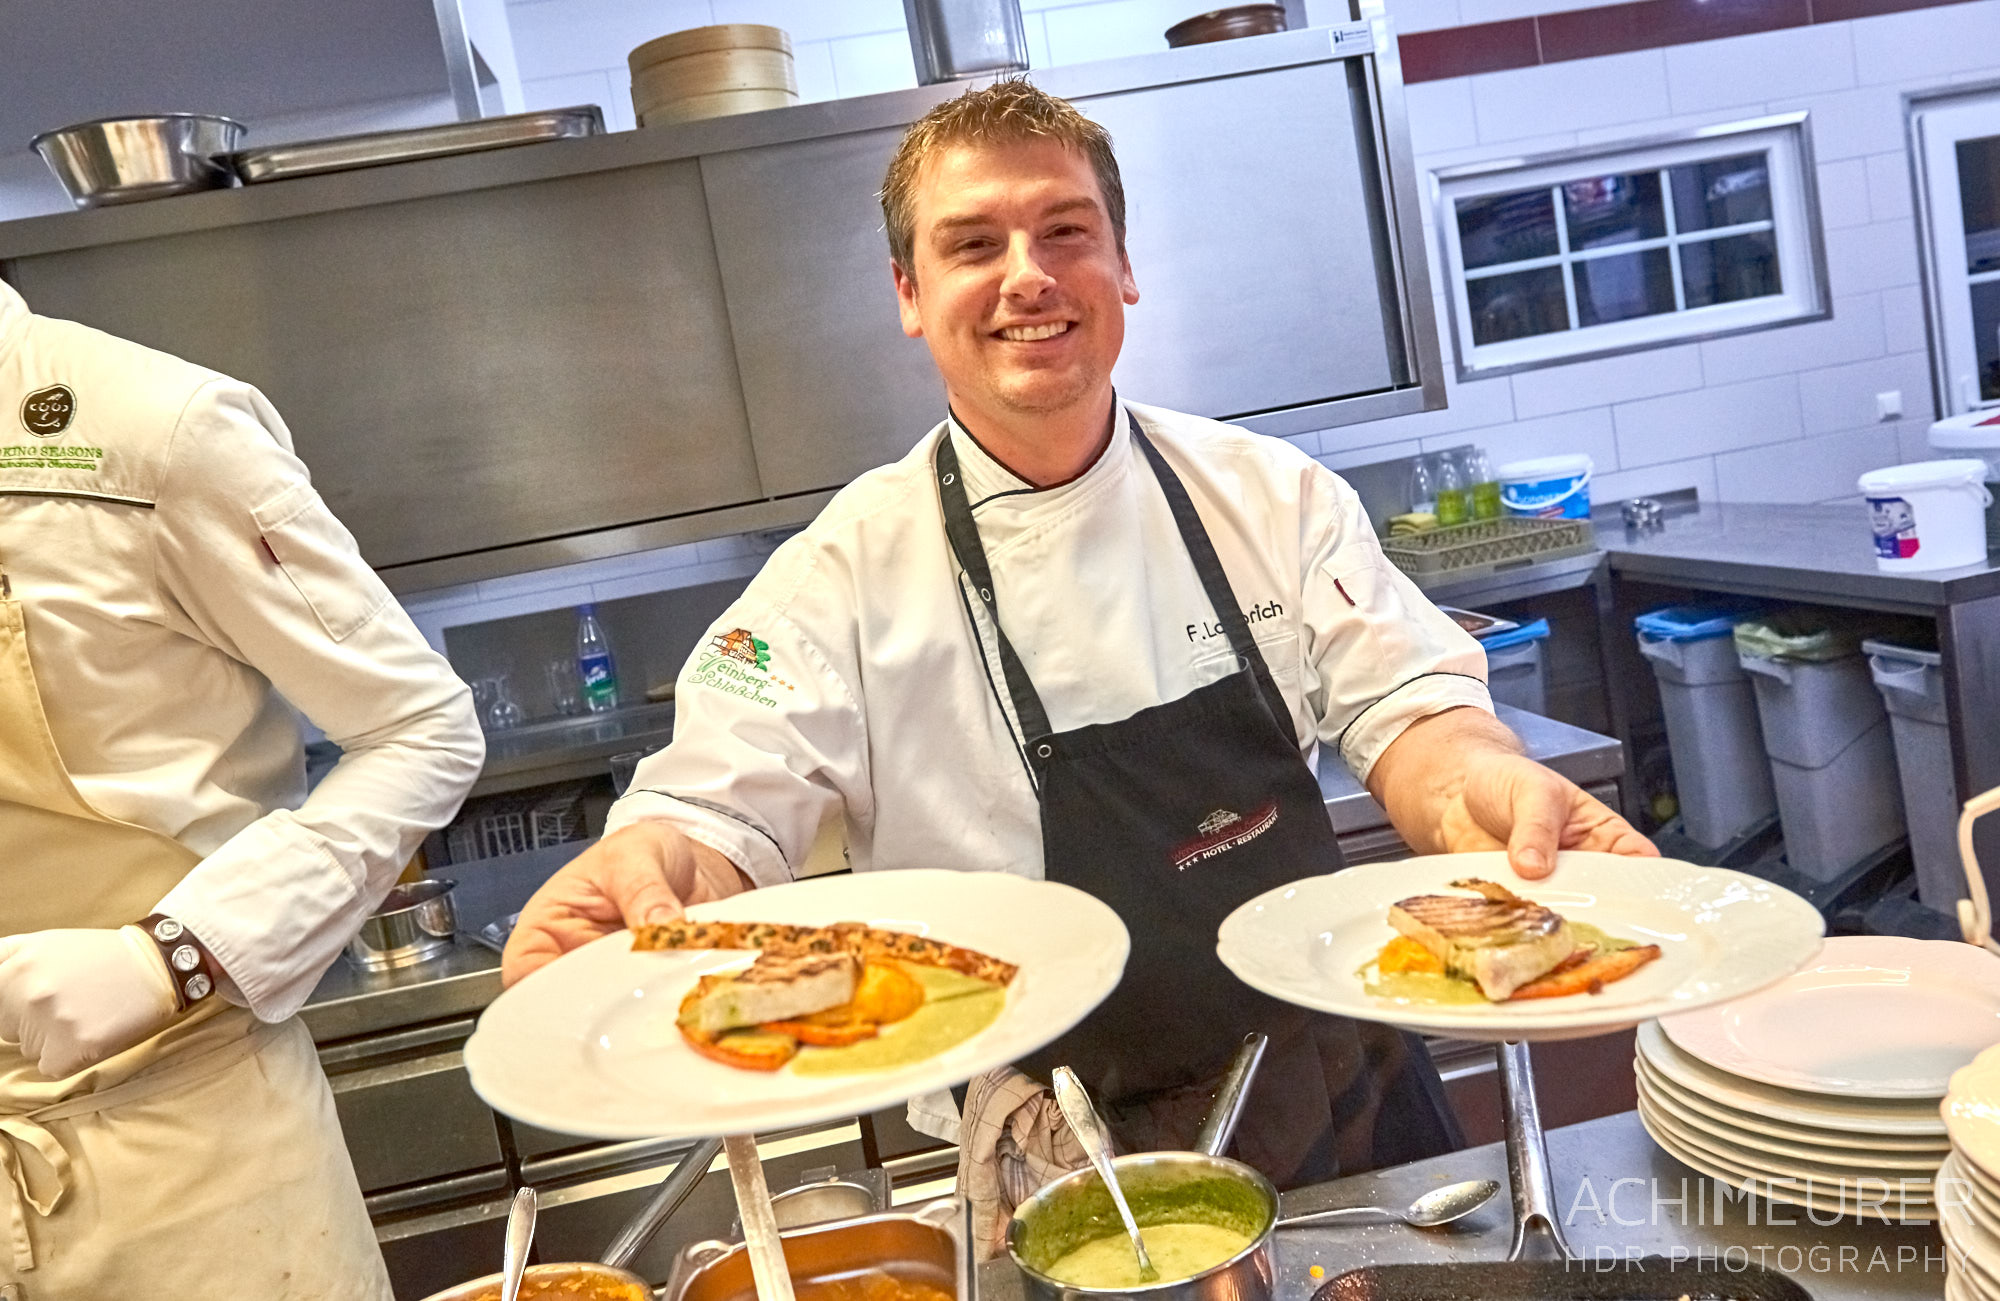 Weinbergschloesschen-Kuechenparty-Food_6870 by AchimMeurer.com                     .